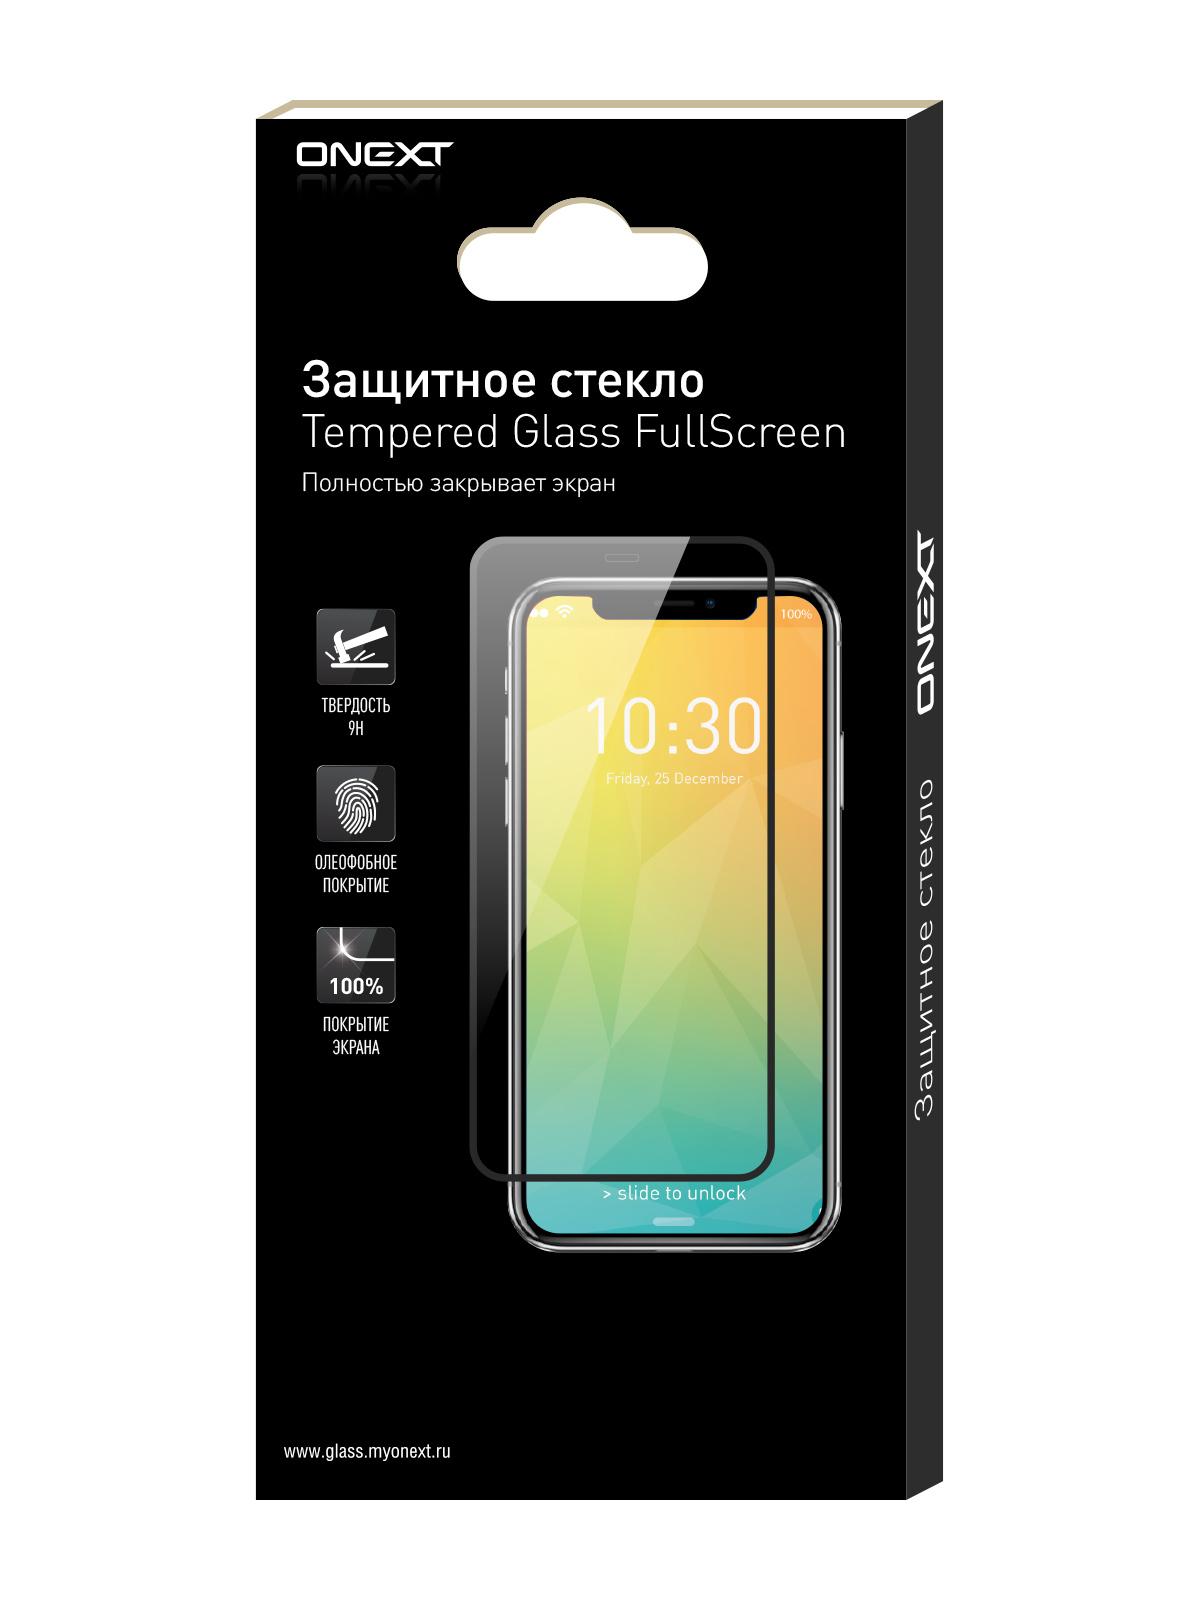 Защитное стекло ONEXT для Apple iPhone 6 Plus/iPhone 6S Plus Black